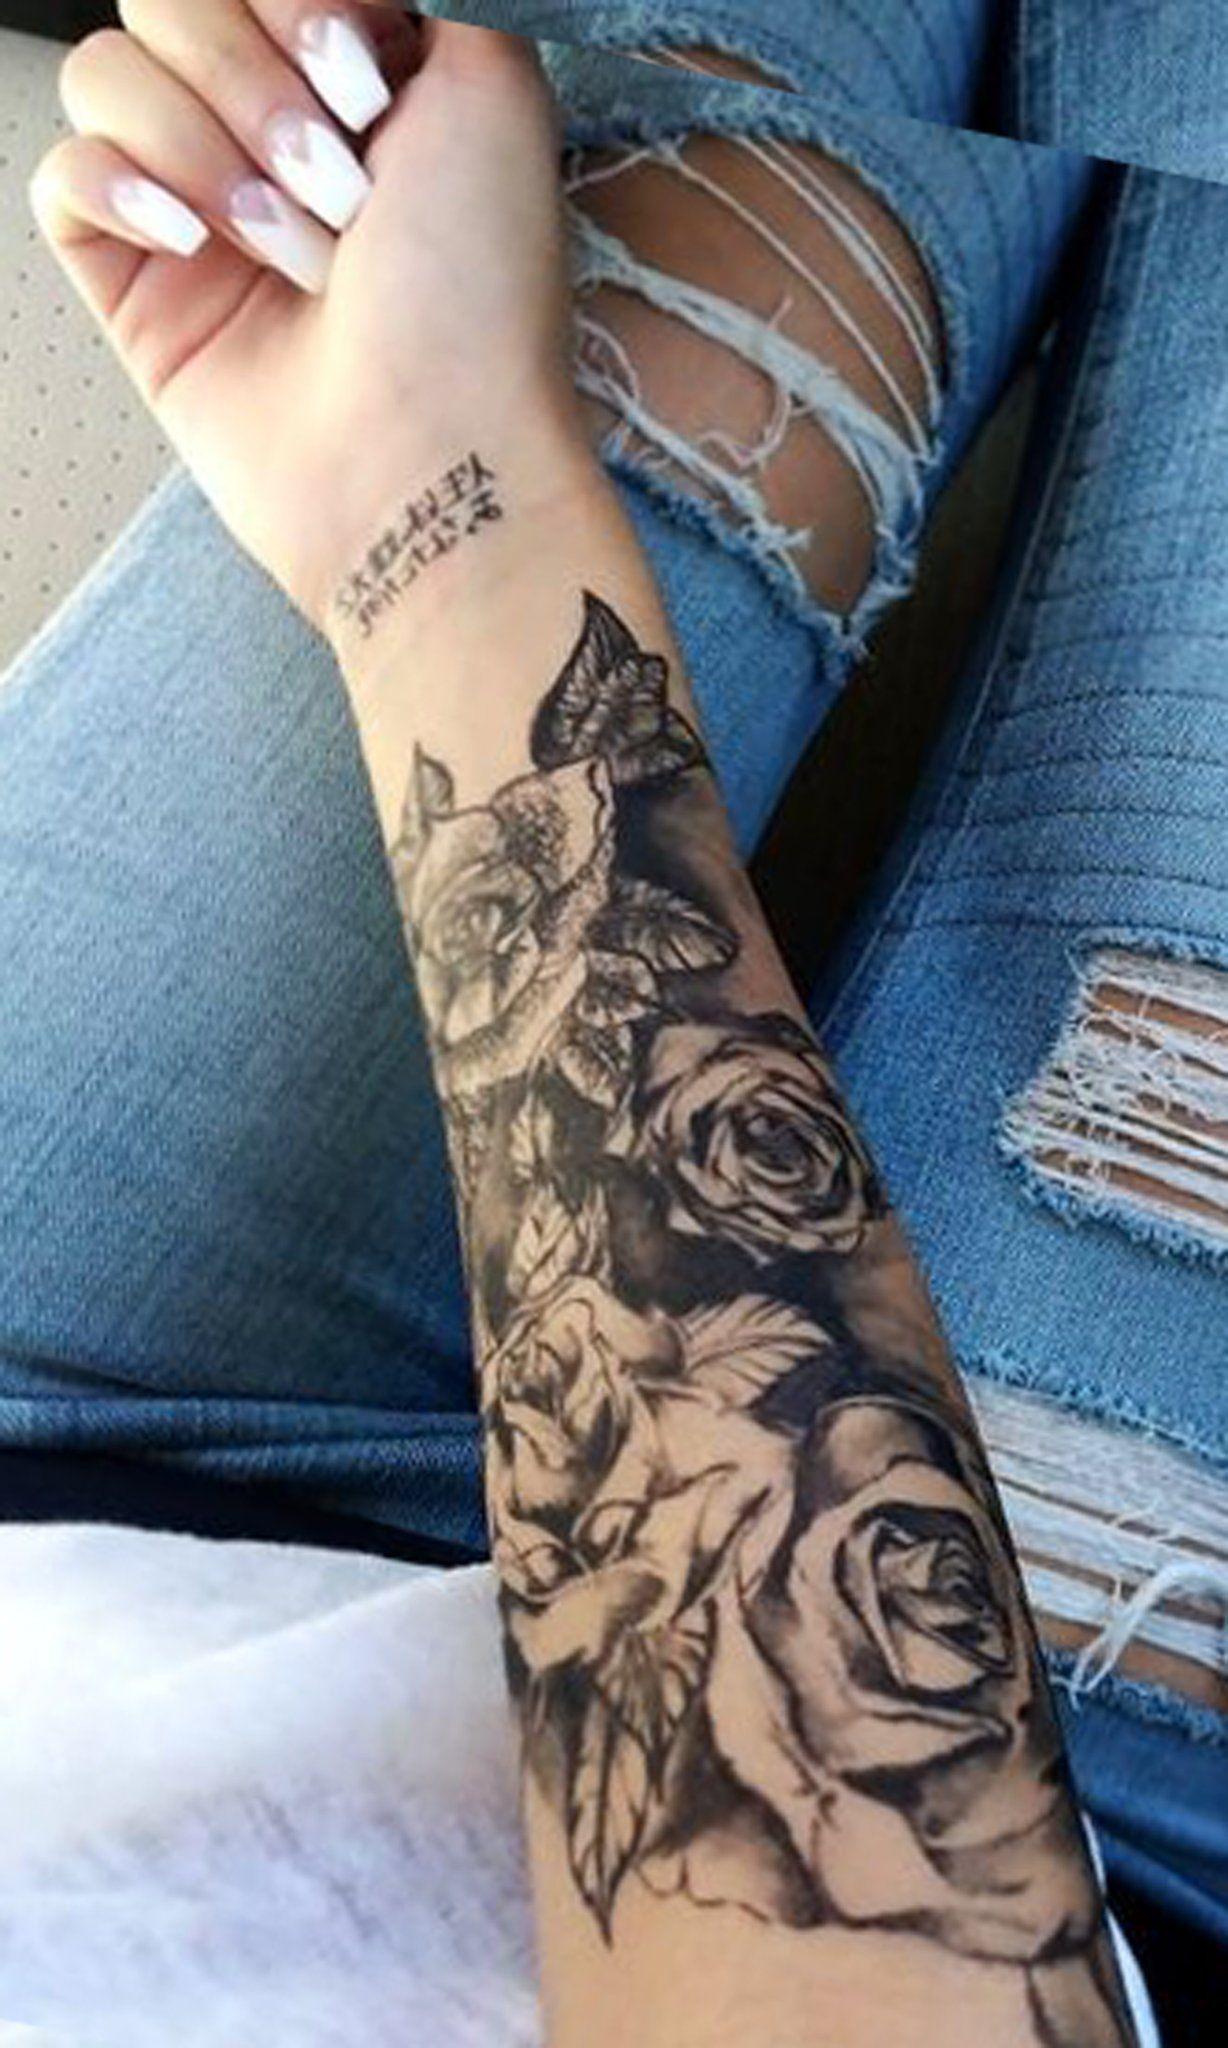 Forearm Half Arm Sleeve Tattoos Best Tattoo Ideas